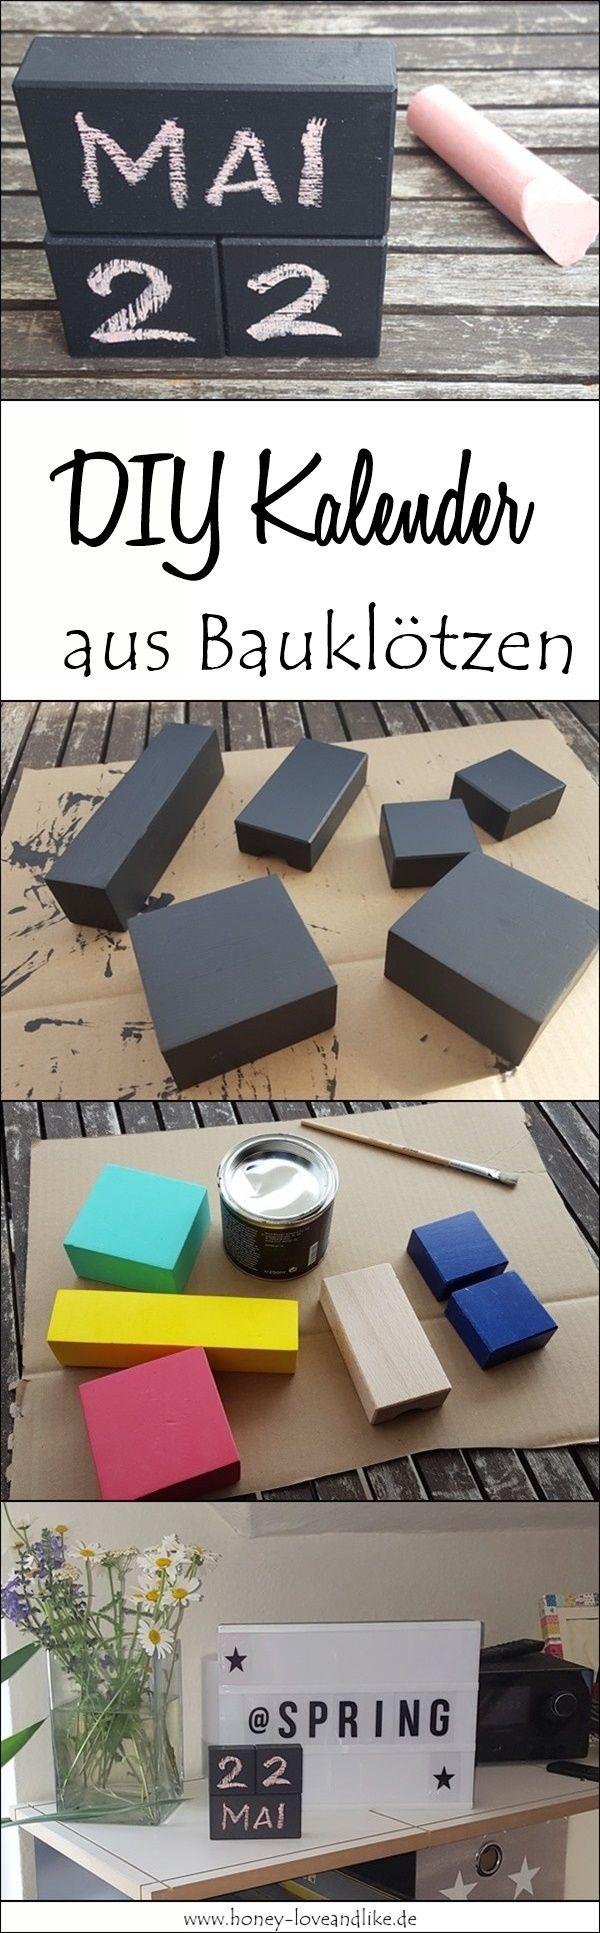 Cooles Upcycling: DIY Kalender mit Tafelfarbe aus alten Bauklötzen basteln. Auch toll für Kinder, um Zahlen zu üben! Oder als DIY Geschenk